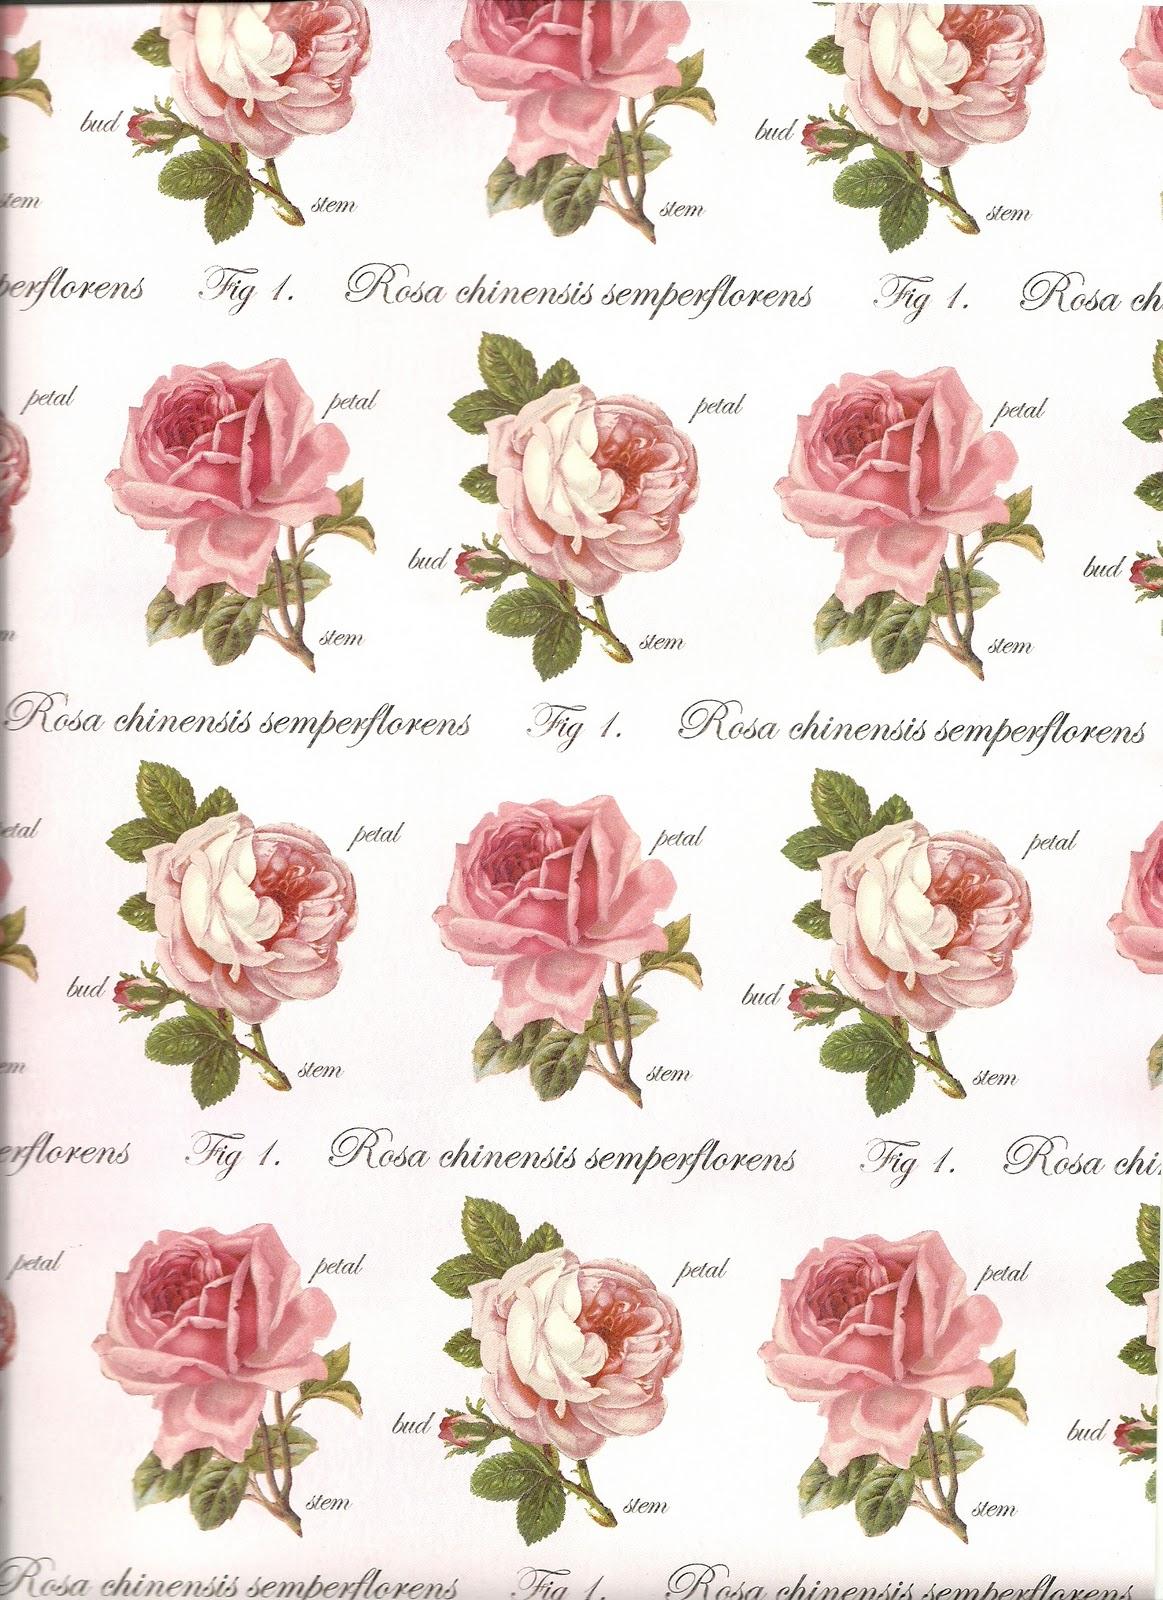 Papeles servilletas y telas de tere papel flores 015 - Papeles y telas ...